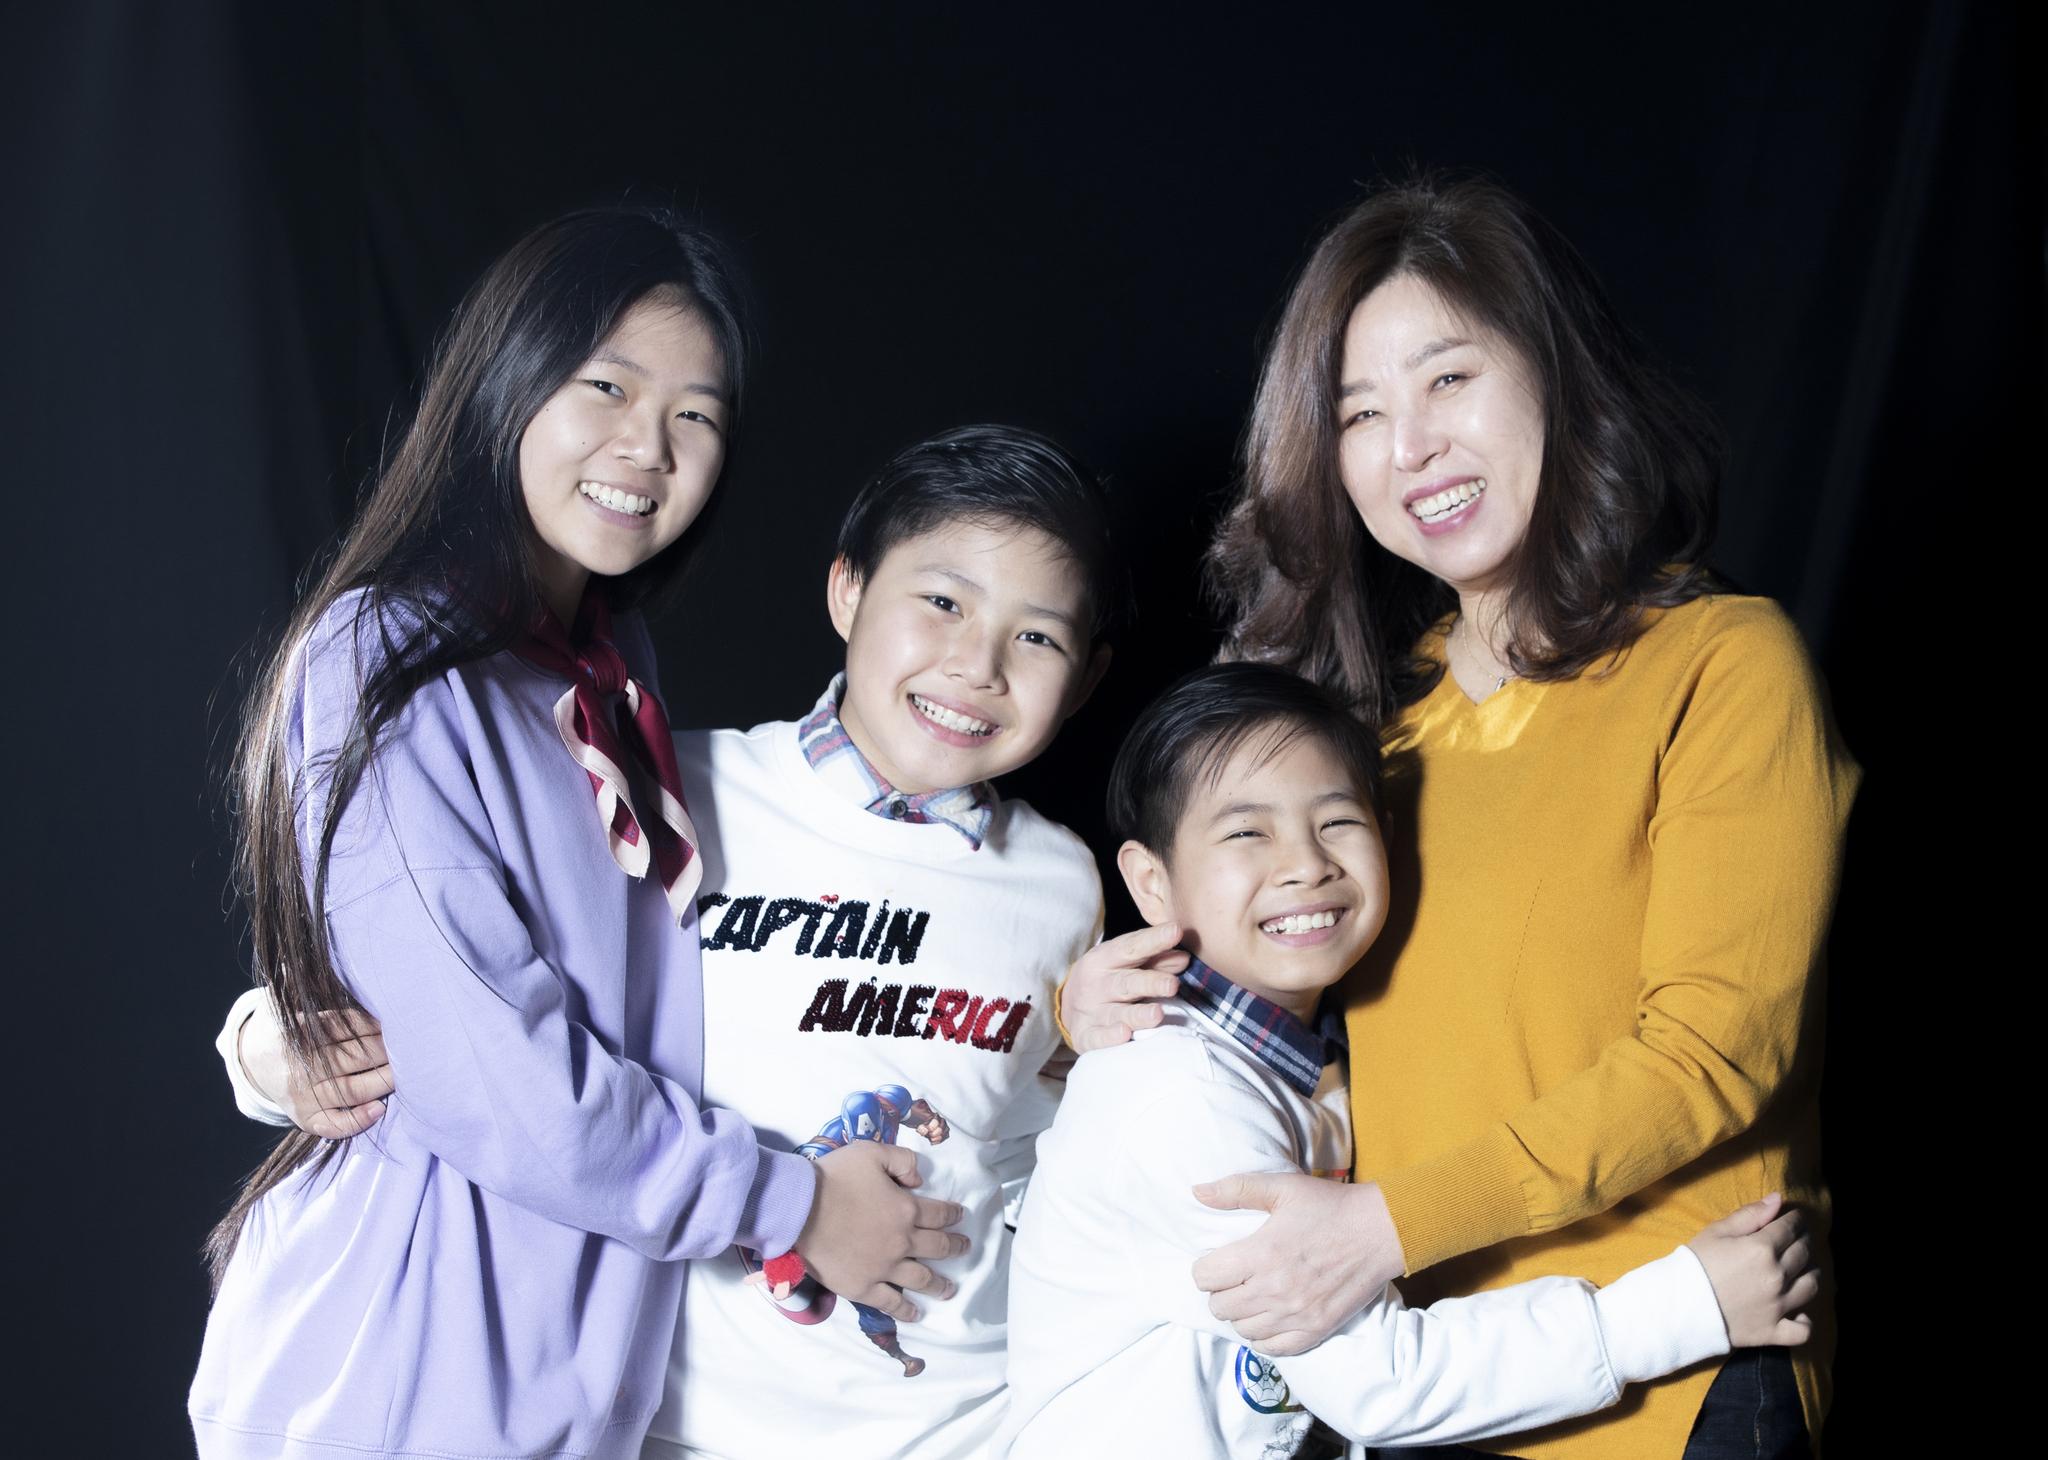 미얀마 소녀 가수 완이화(왼쪽)가 매니저 겸 엄마 역할을 해주는 이경자씨 와 '가족 사진'을 찍었다. 둘째 수파산(왼쪽 둘째)은 드럼을, 셋째 나타콘은 기타를 배울 계획이다. 권혁재 기자